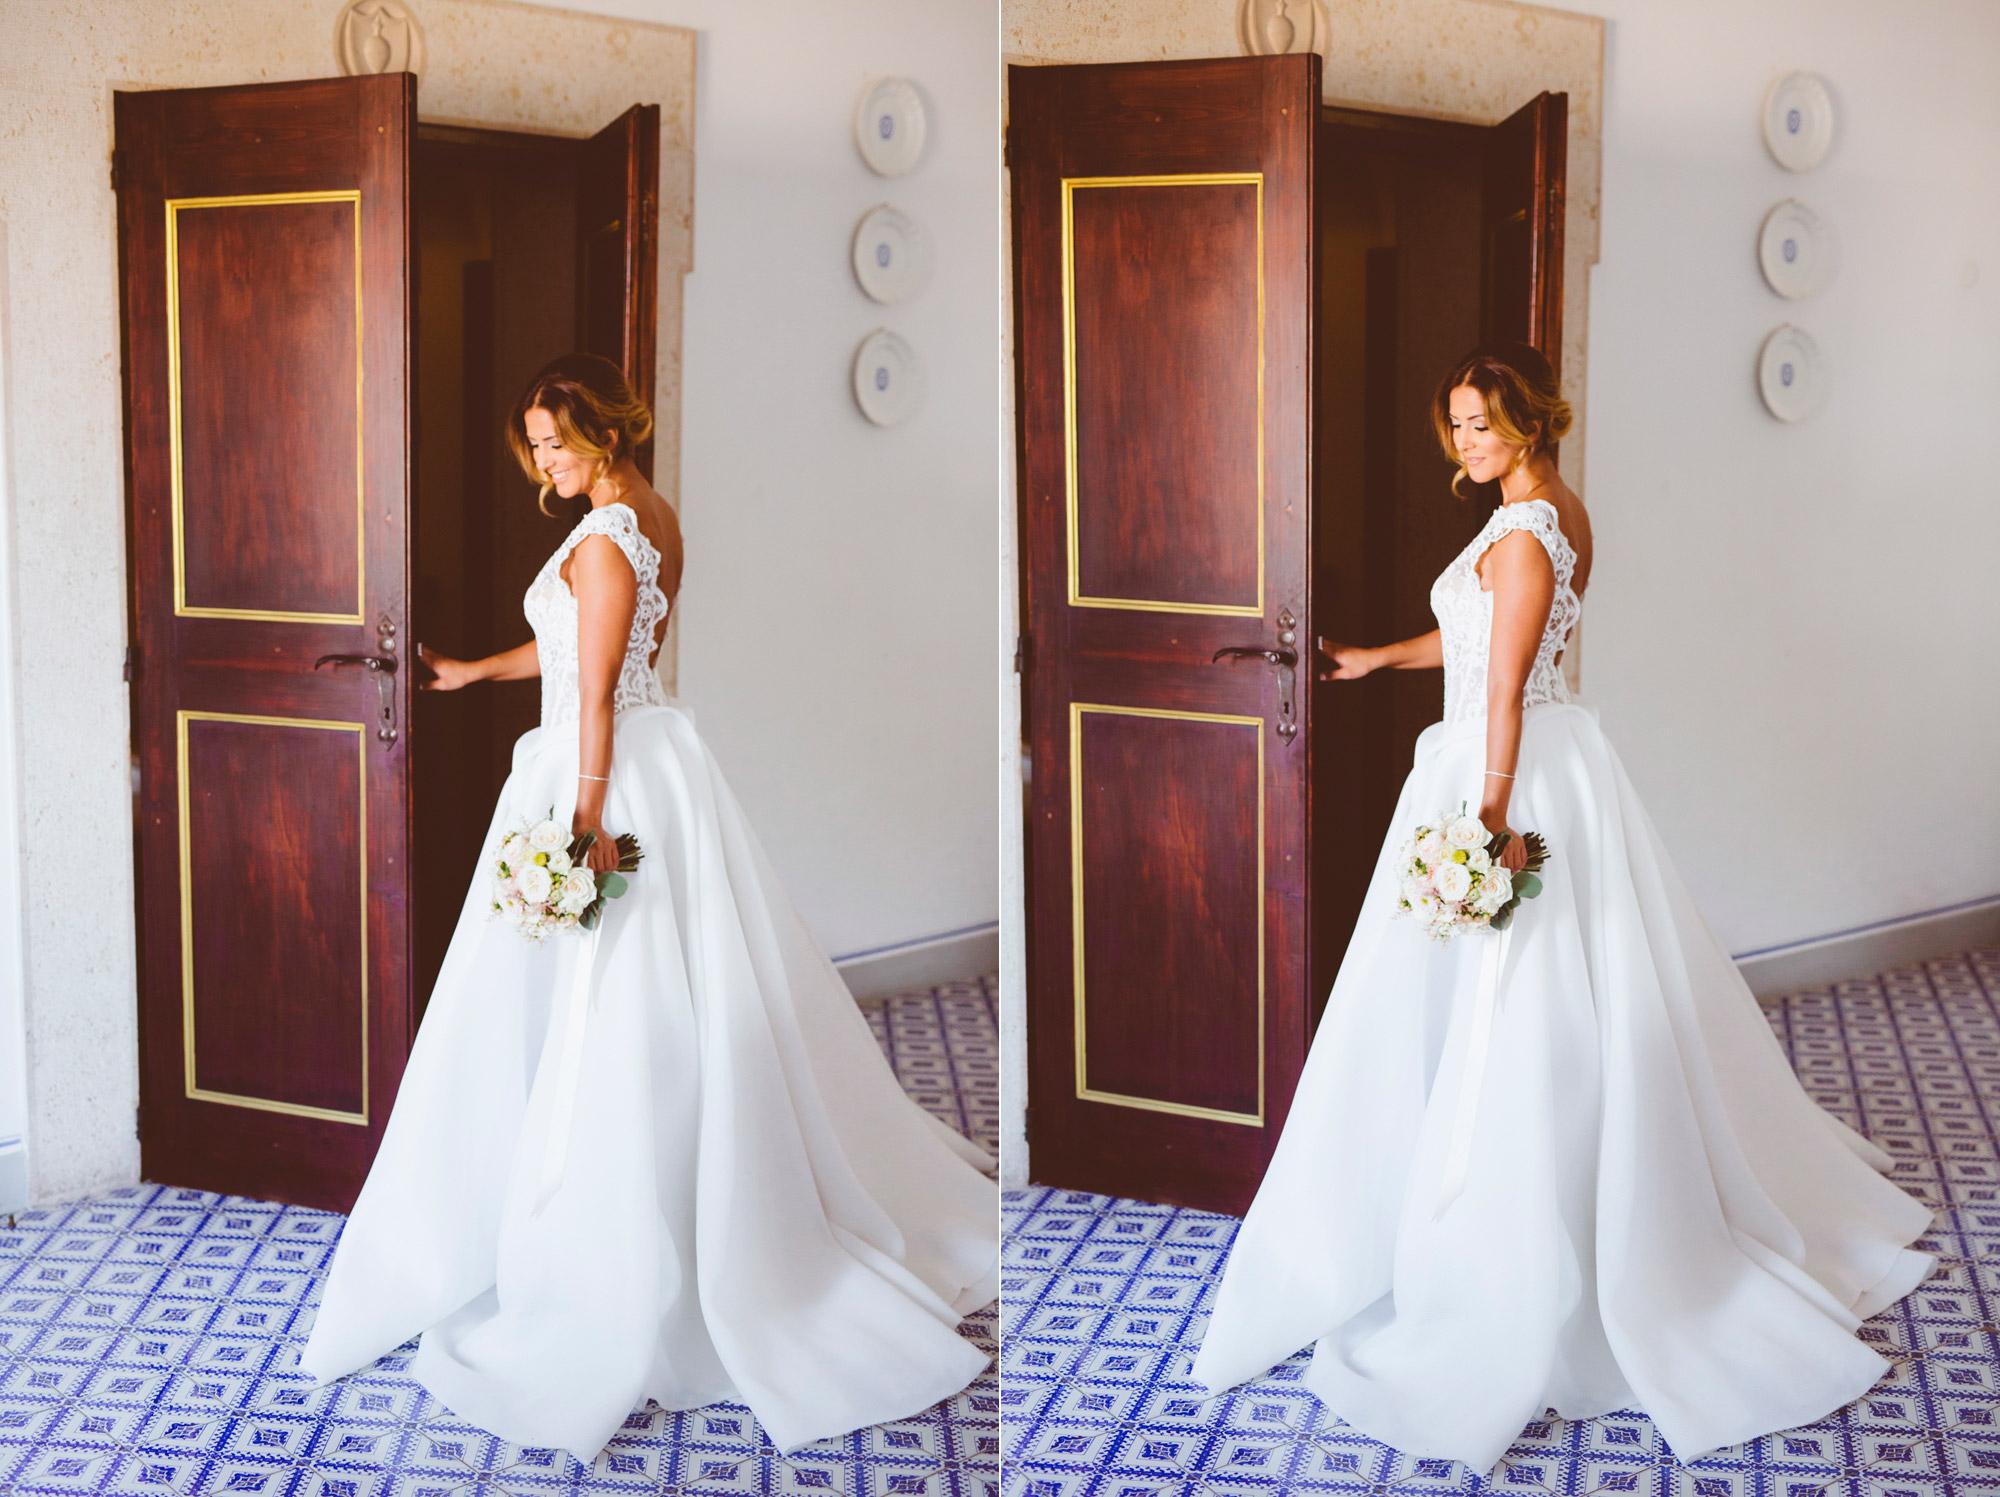 026-santamarinella-wedding-castello-odescalchi.jpg